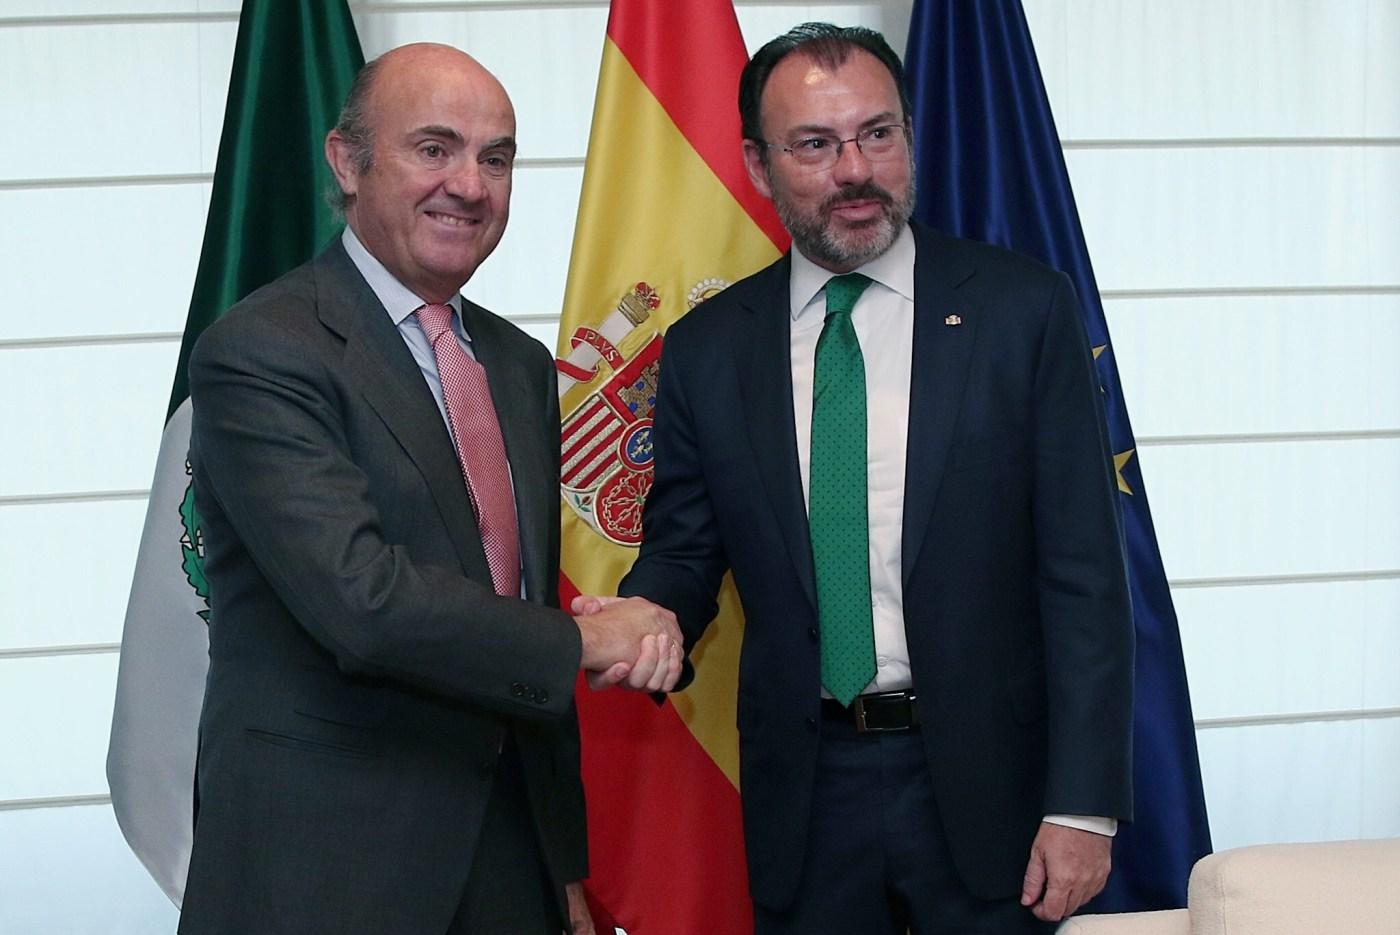 El Canciller Luis Videgaray con Luis de Guindos ministro de Economía de España. (SRE)